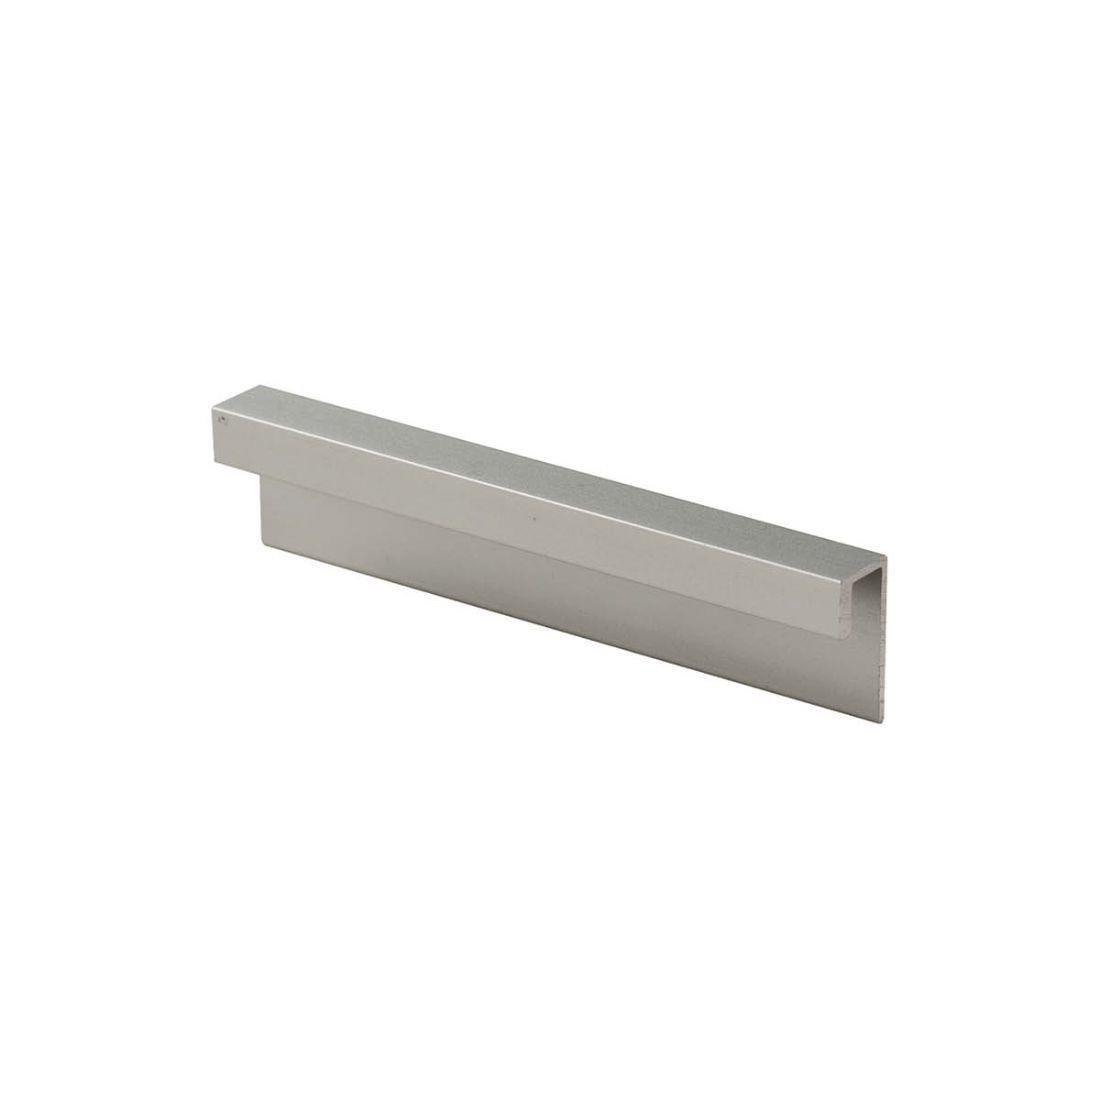 Aluminium End Cap Silver Bullet 2700 x 4.5mm